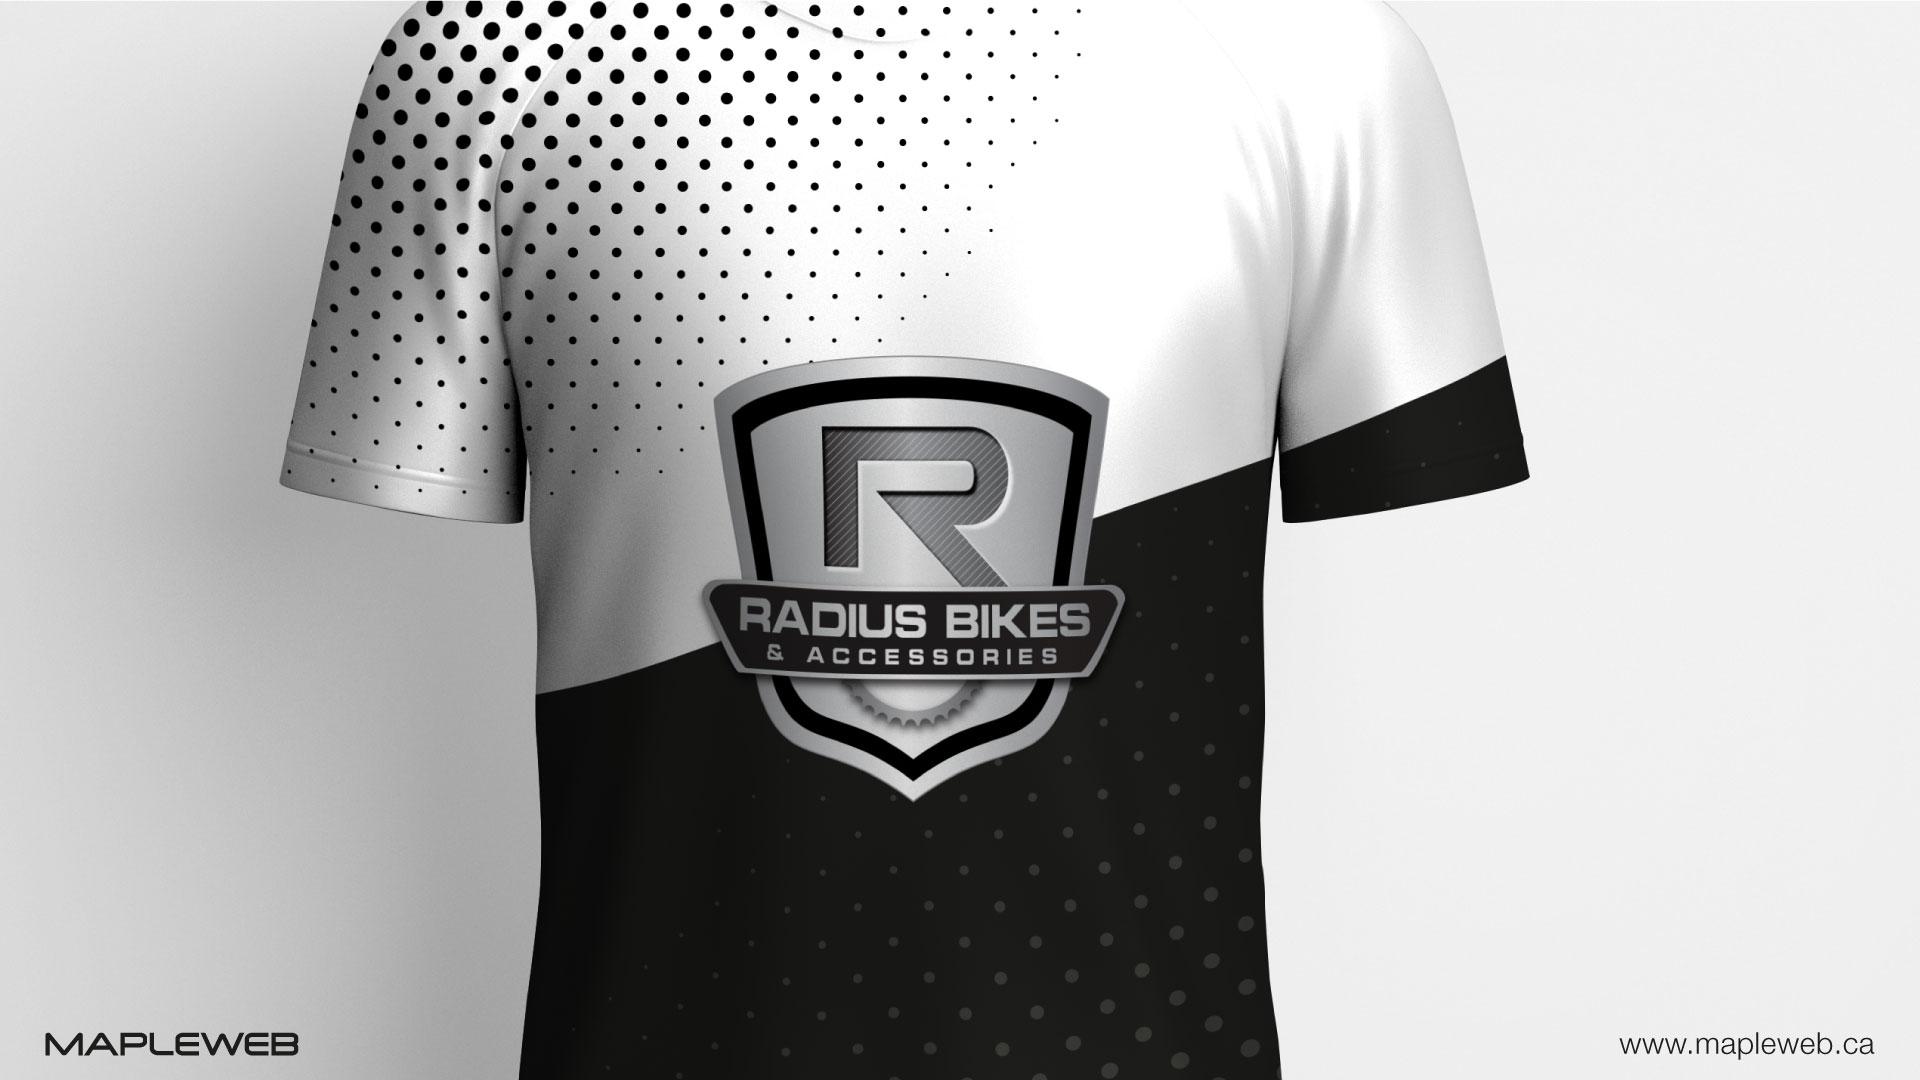 radius-bikes-brand-logo-design-by-mapleweb-vancouver-canada-tshirt-mock